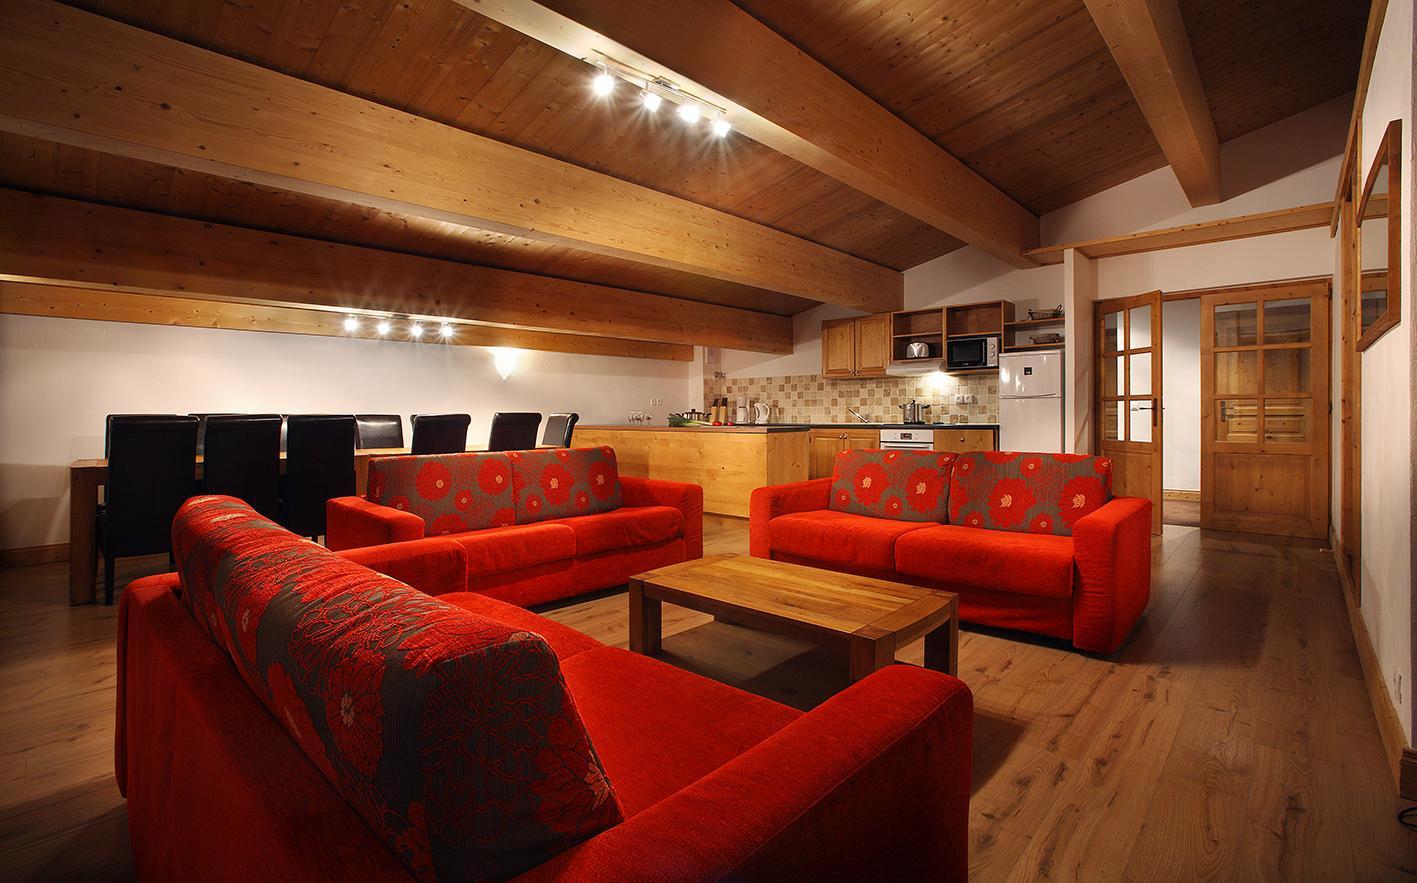 residence chalet des neiges cime des arcs 15 les arcs location vacances ski les arcs ski